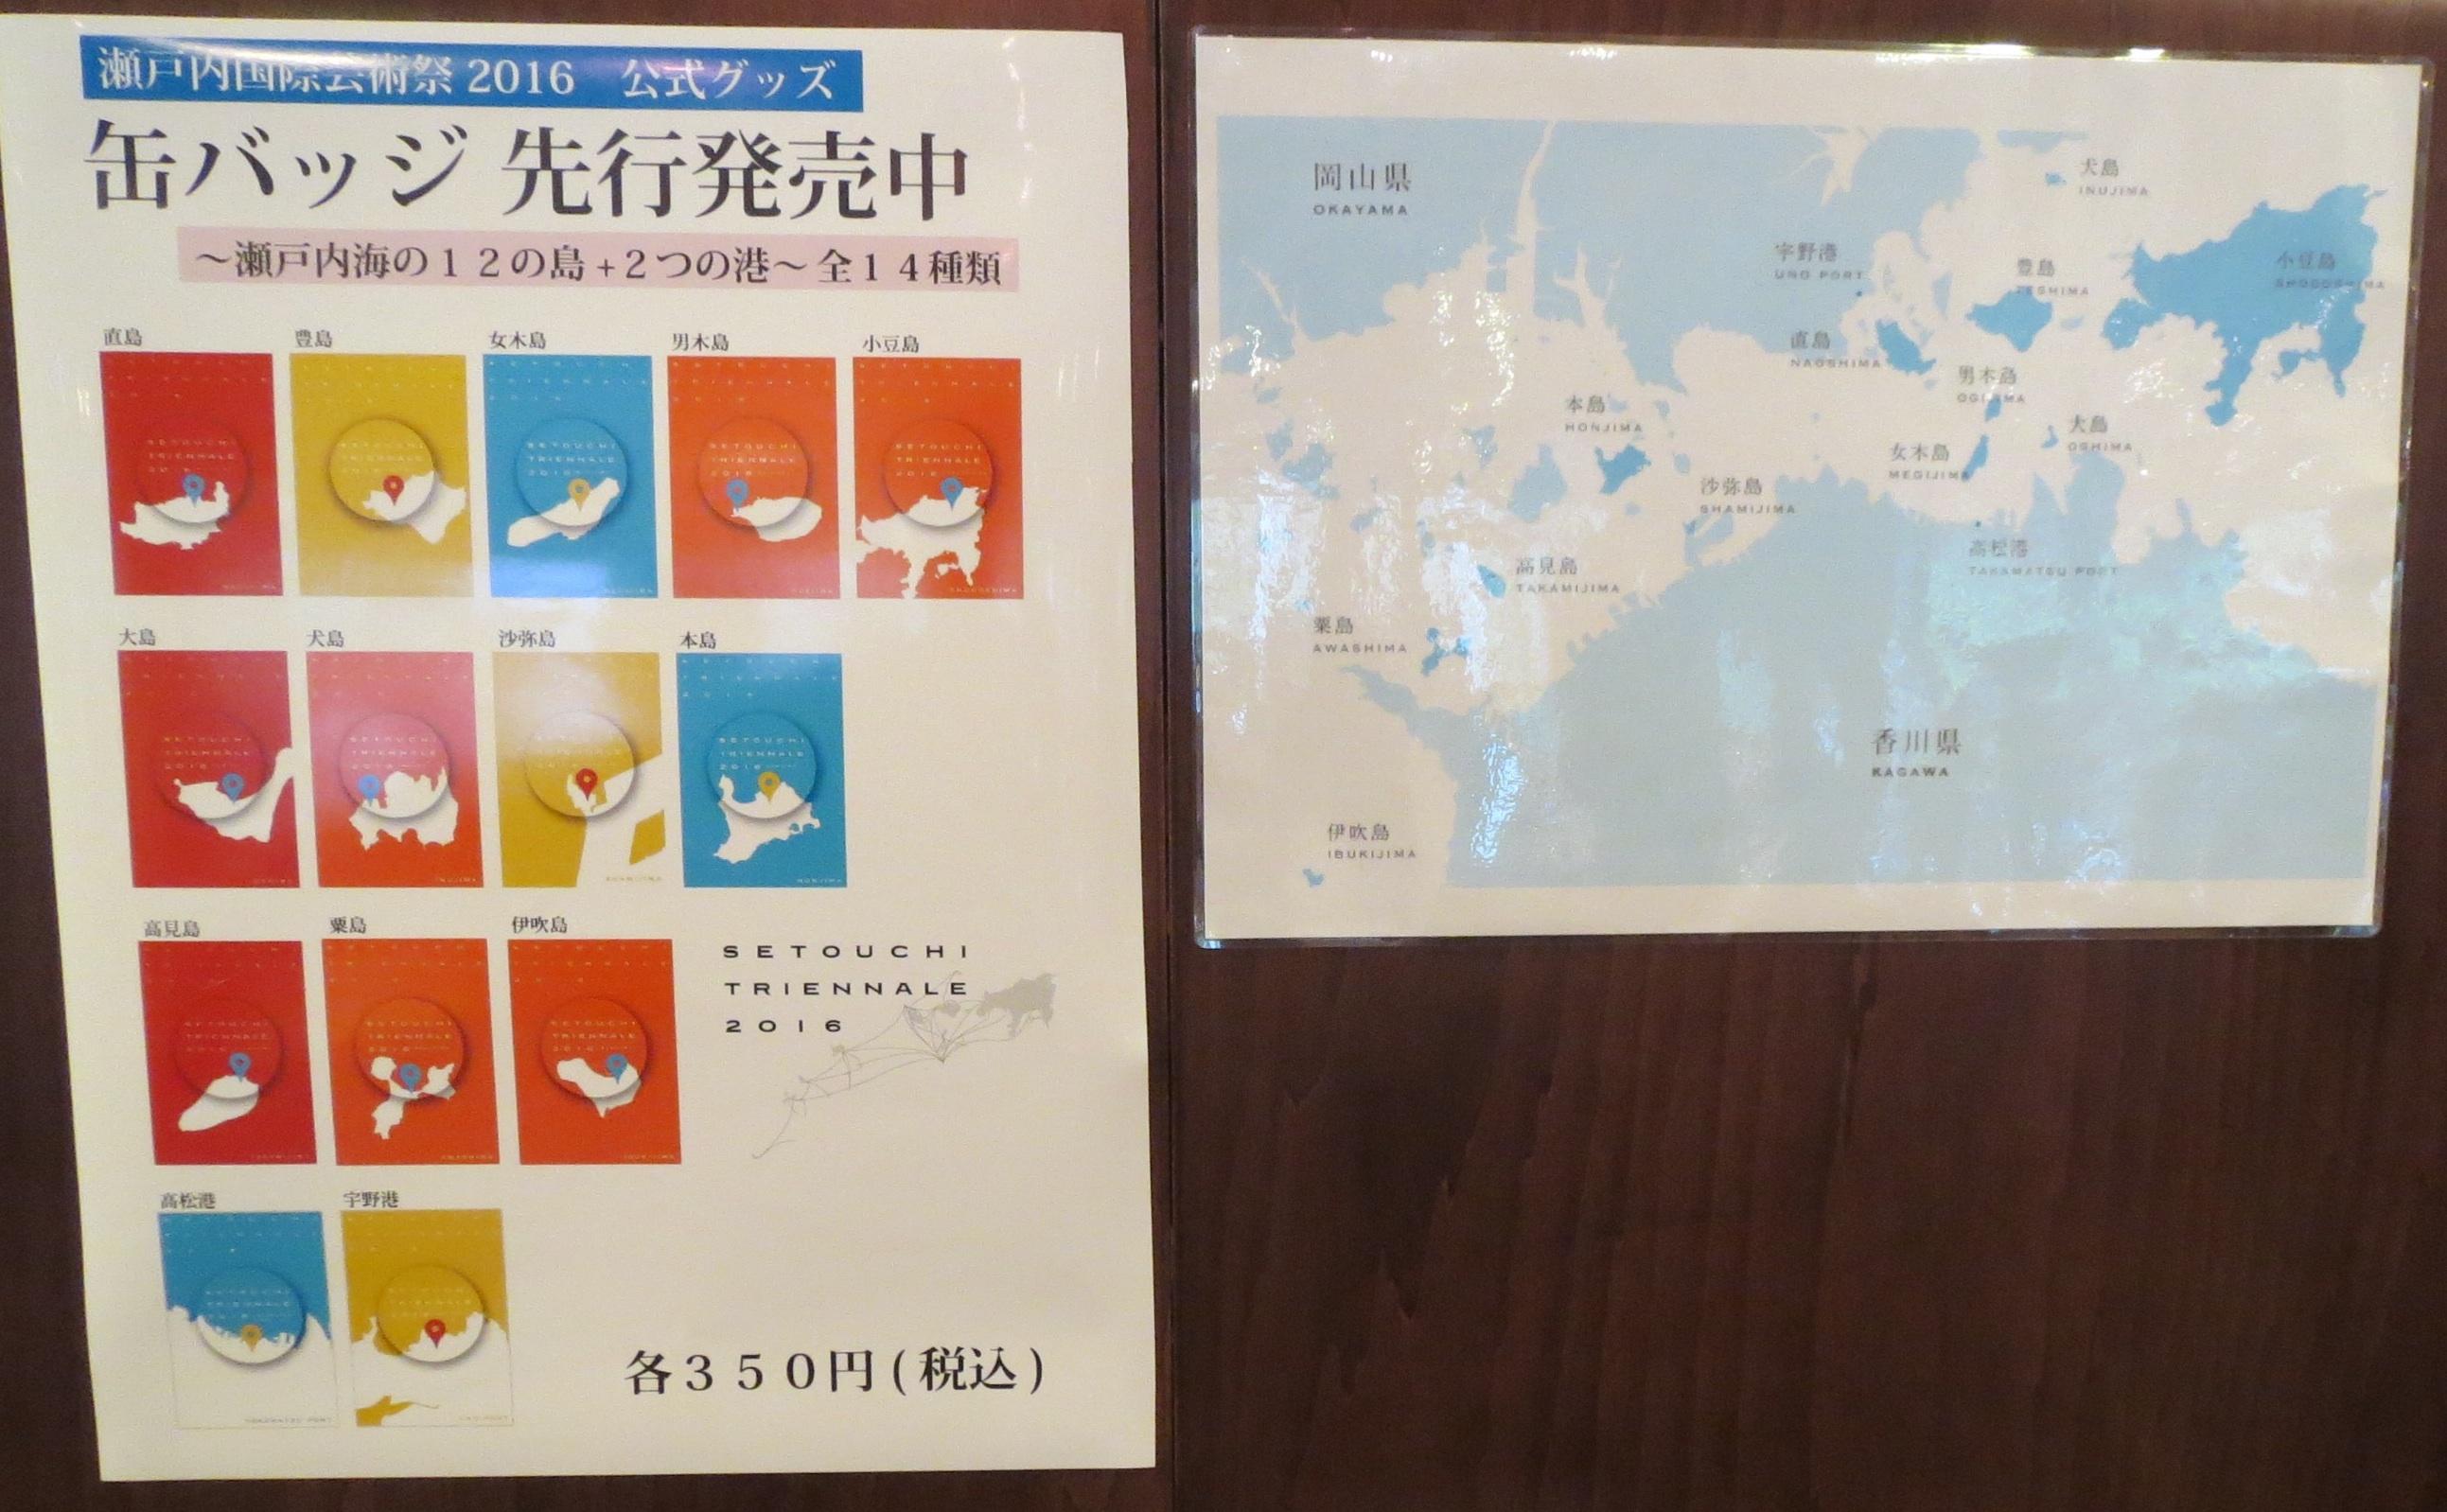 http://www.ritsurinan.jp/news/%E7%80%AC%E6%88%B8%E8%8A%B8%E5%9C%B0%E5%9B%B3.jpg